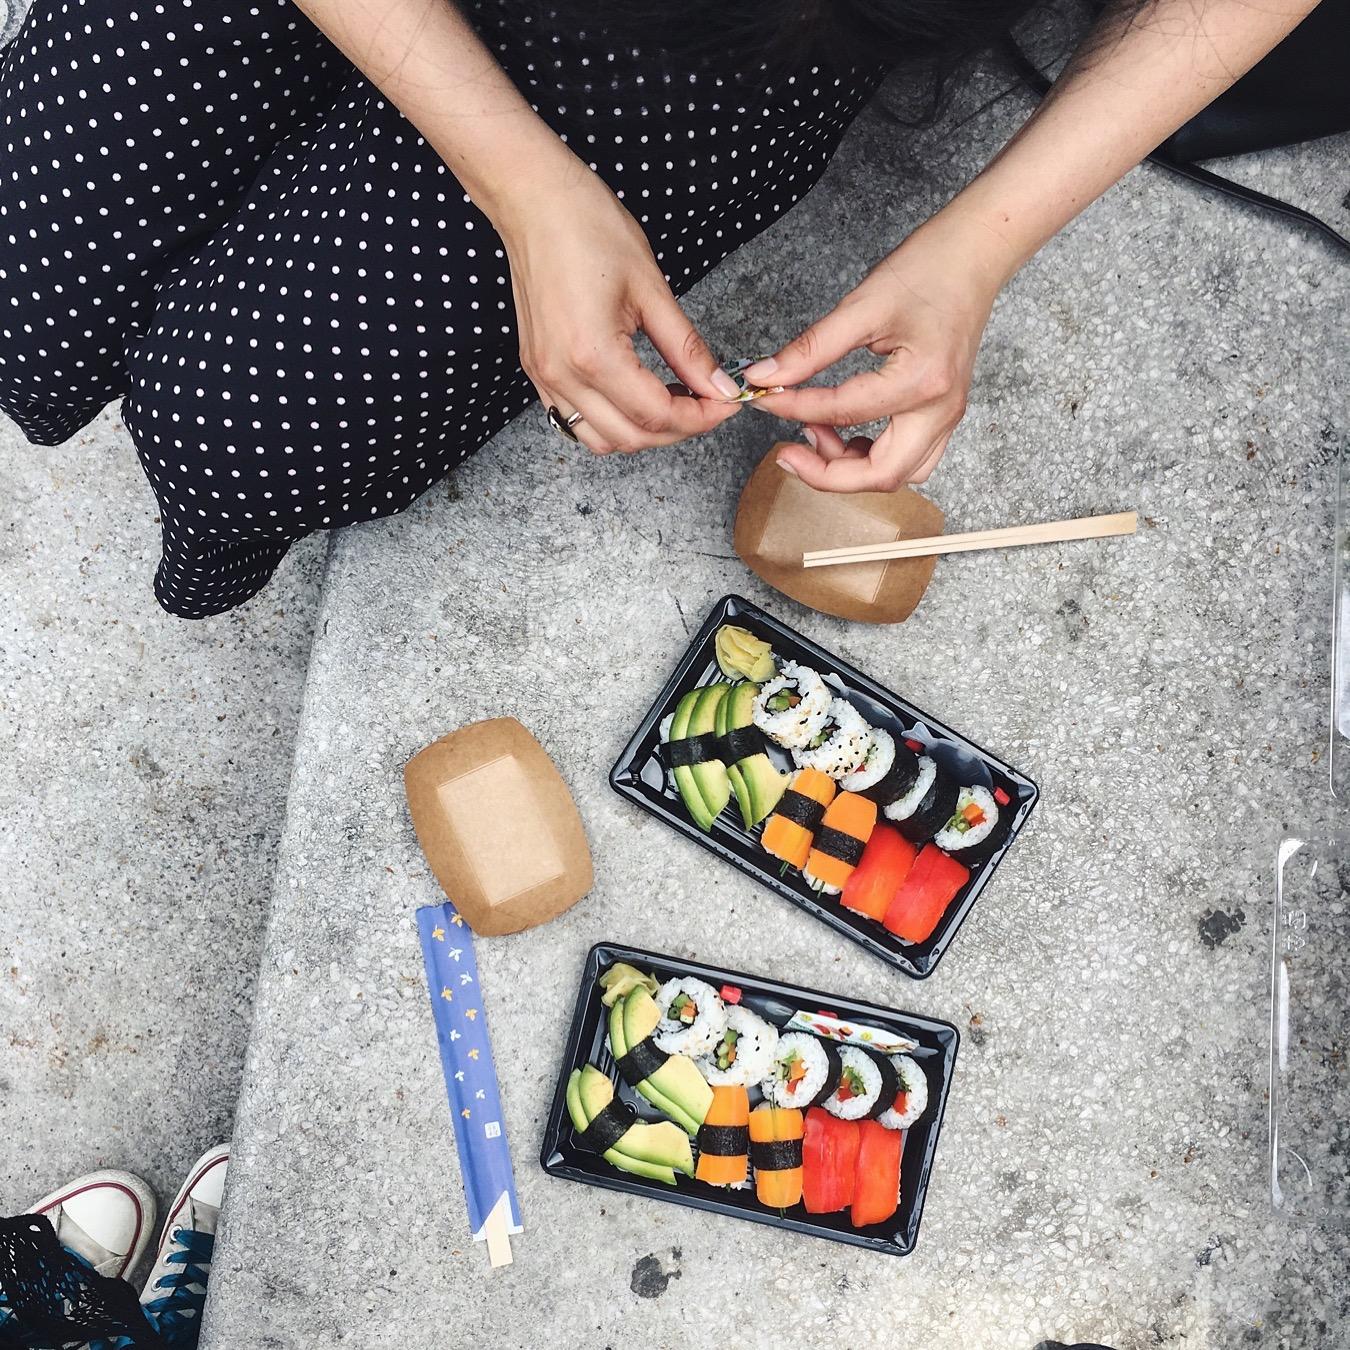 dobr suši = srečn buši  ️#lunchdate